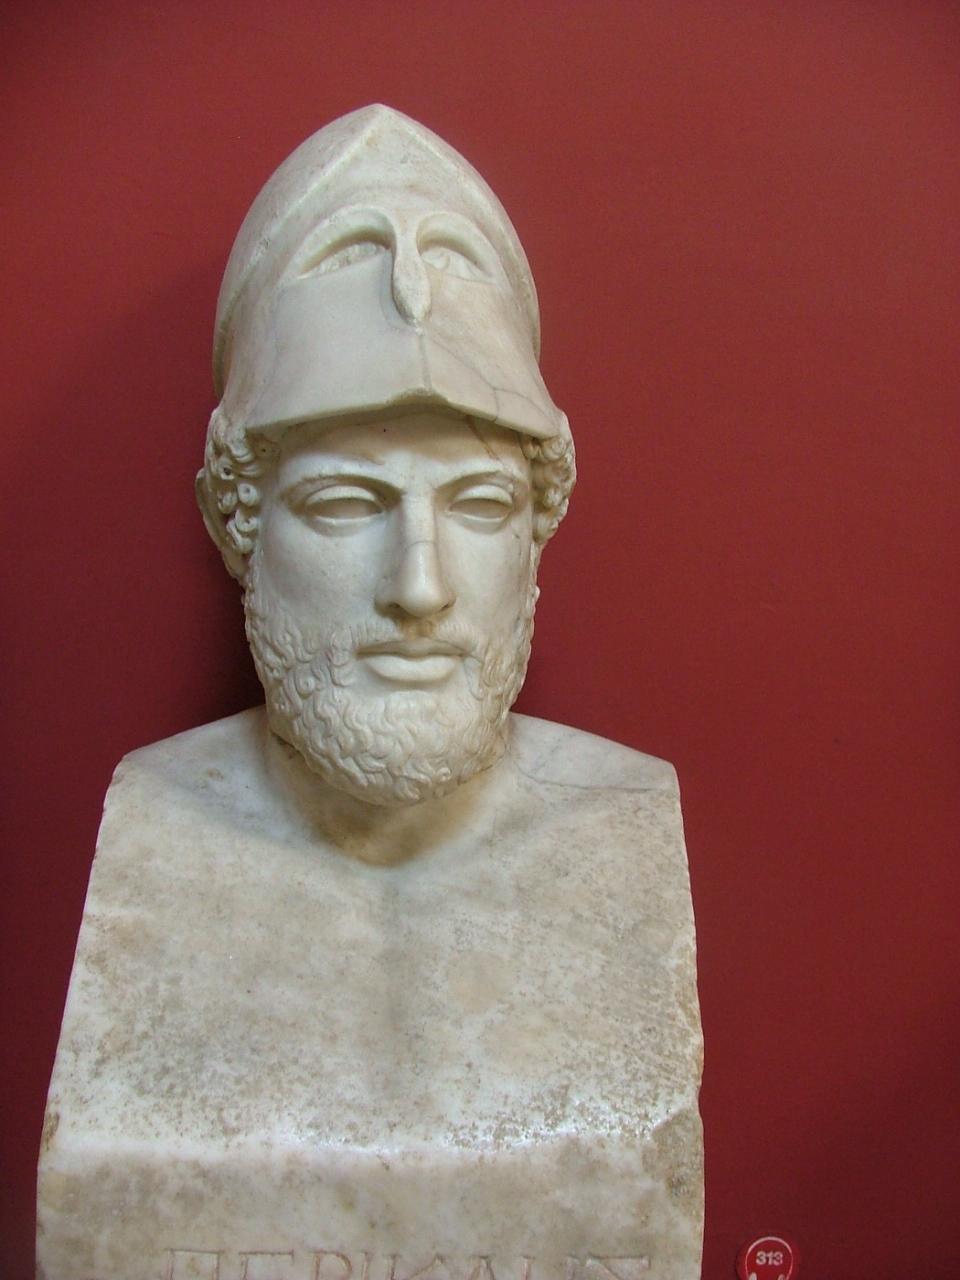 Обои гоплит, рисунок, Античность, Коринфский шлем, Древняя Греция, «воин»). Разное foto 13